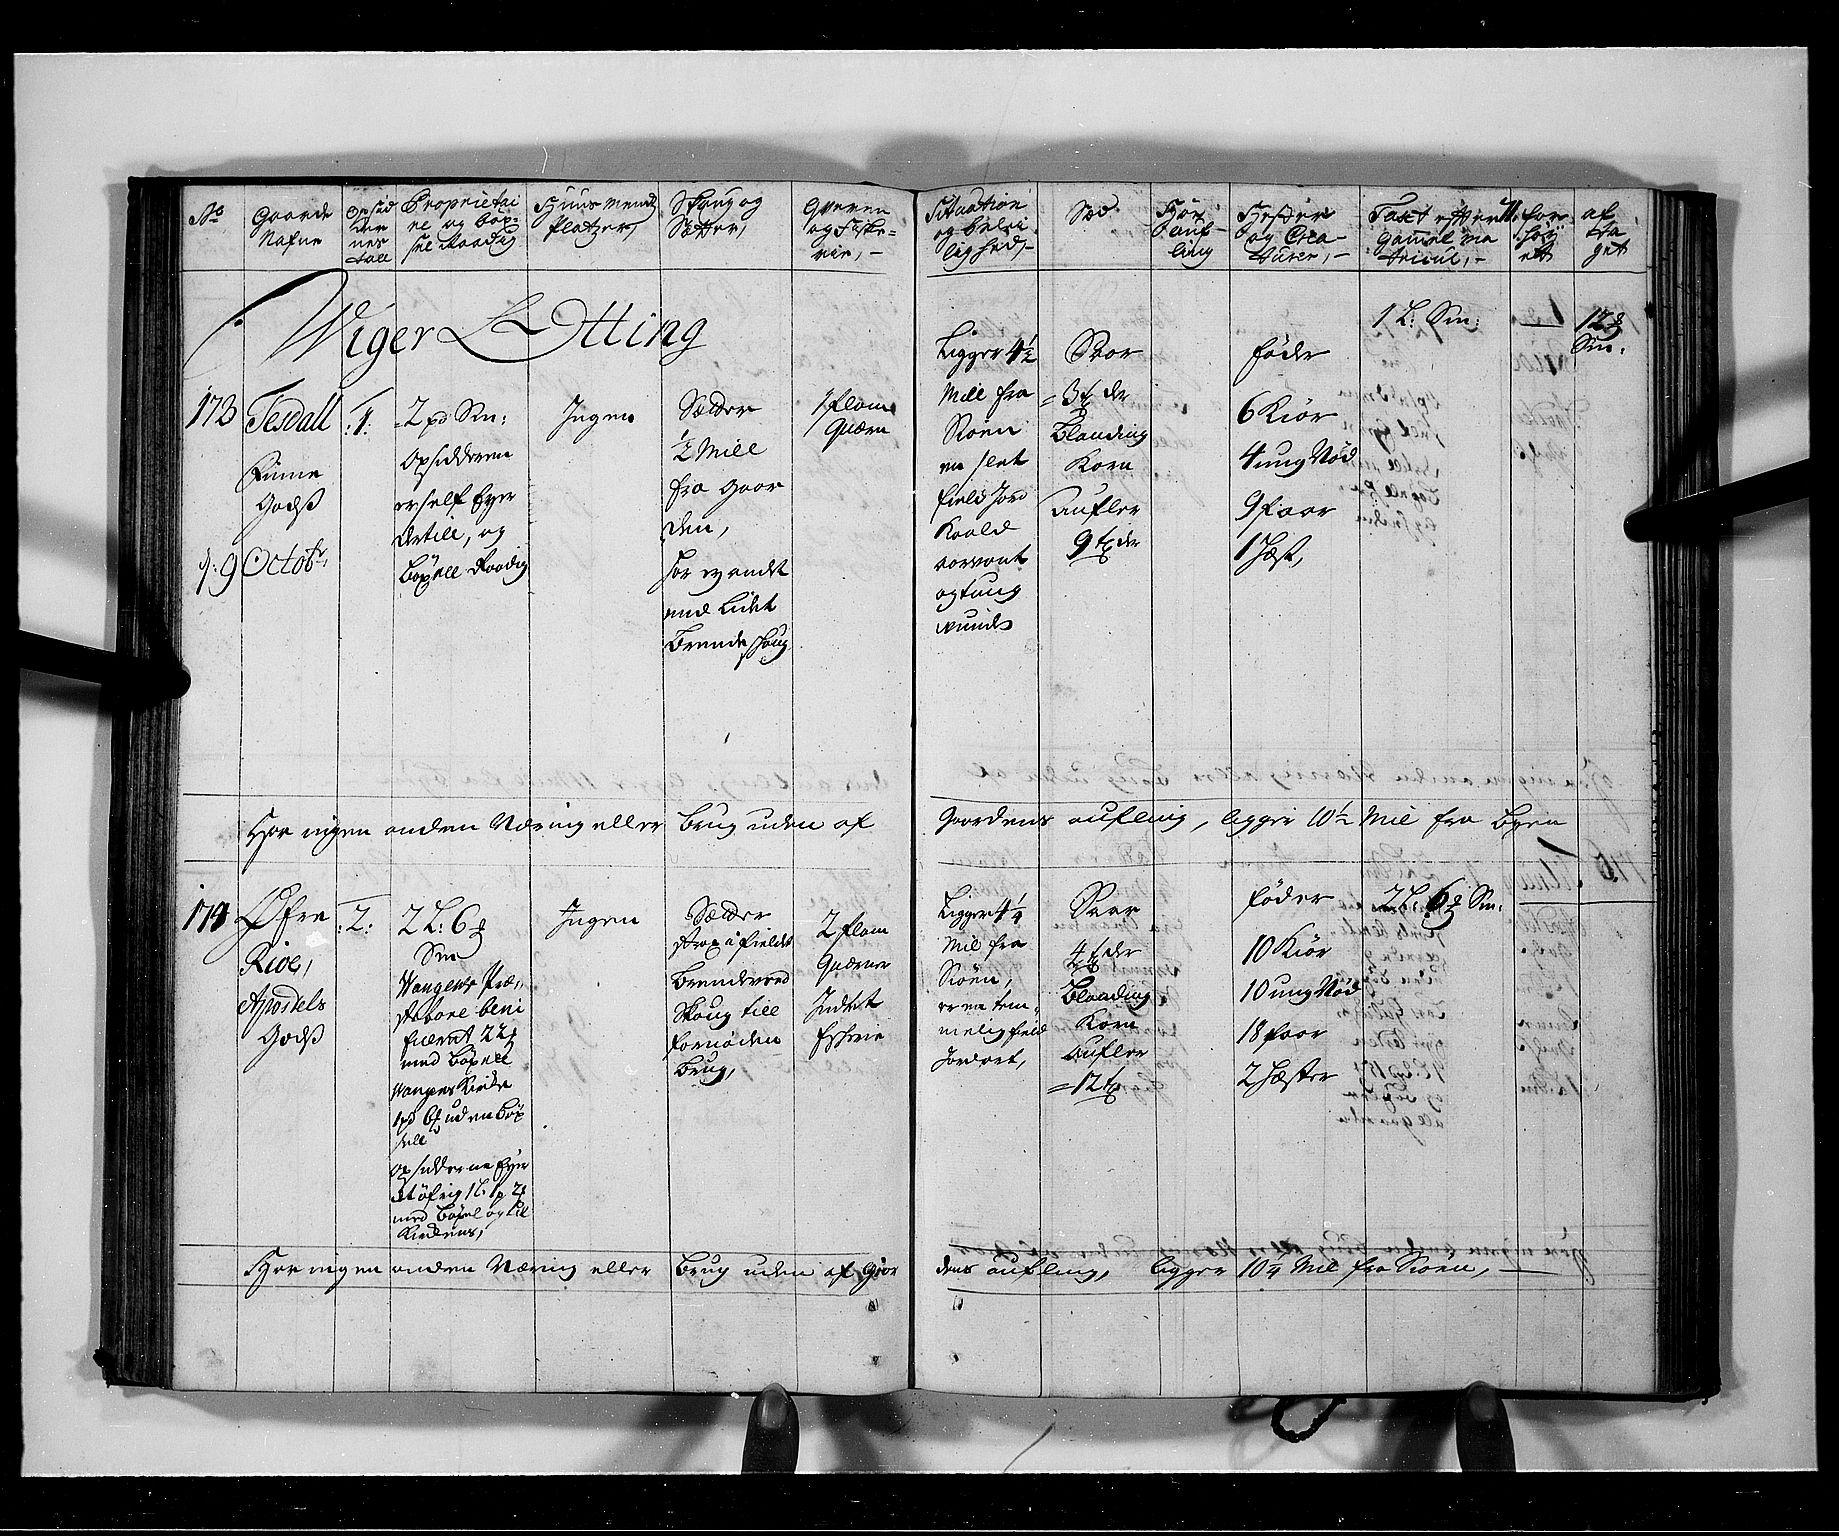 RA, Rentekammeret inntil 1814, Realistisk ordnet avdeling, N/Nb/Nbf/L0141: Voss eksaminasjonsprotokoll, 1723, s. 70b-71a